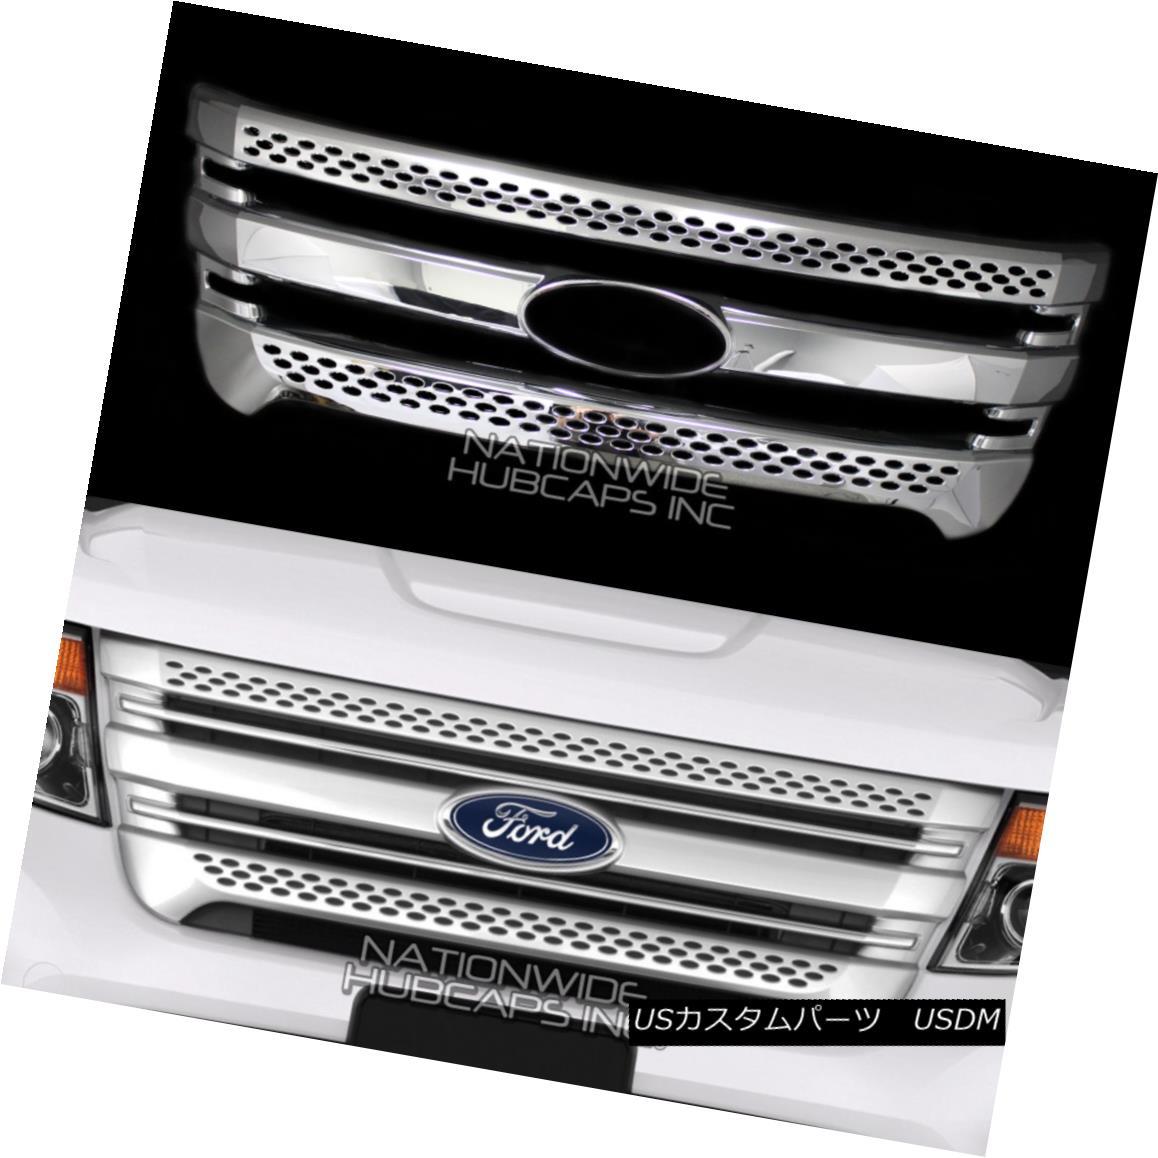 グリル 11-15 Ford Explorer CHROME Snap On Grille Overlay Full Front Grill Covers Insert 11-15 Ford Explorer CHROMEスナップオングリルオーバーレイフルフロントグリルカバーインサート